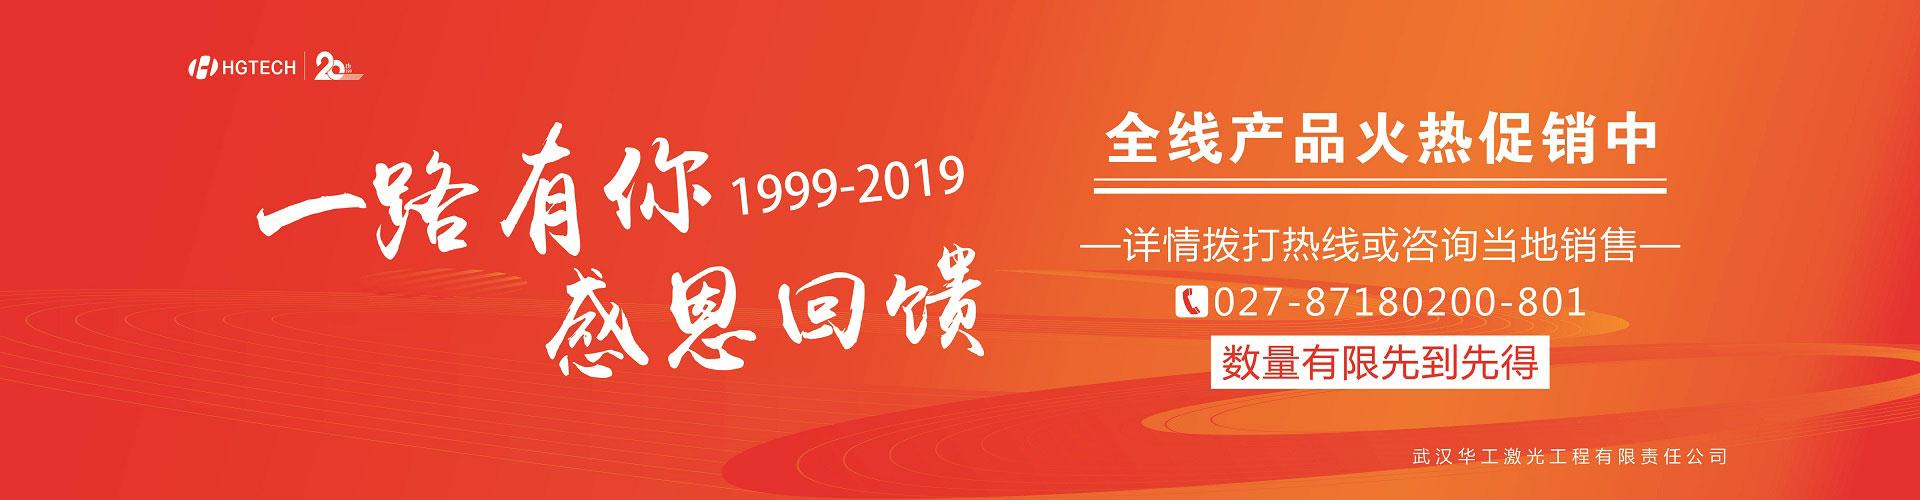 华工科技20周年